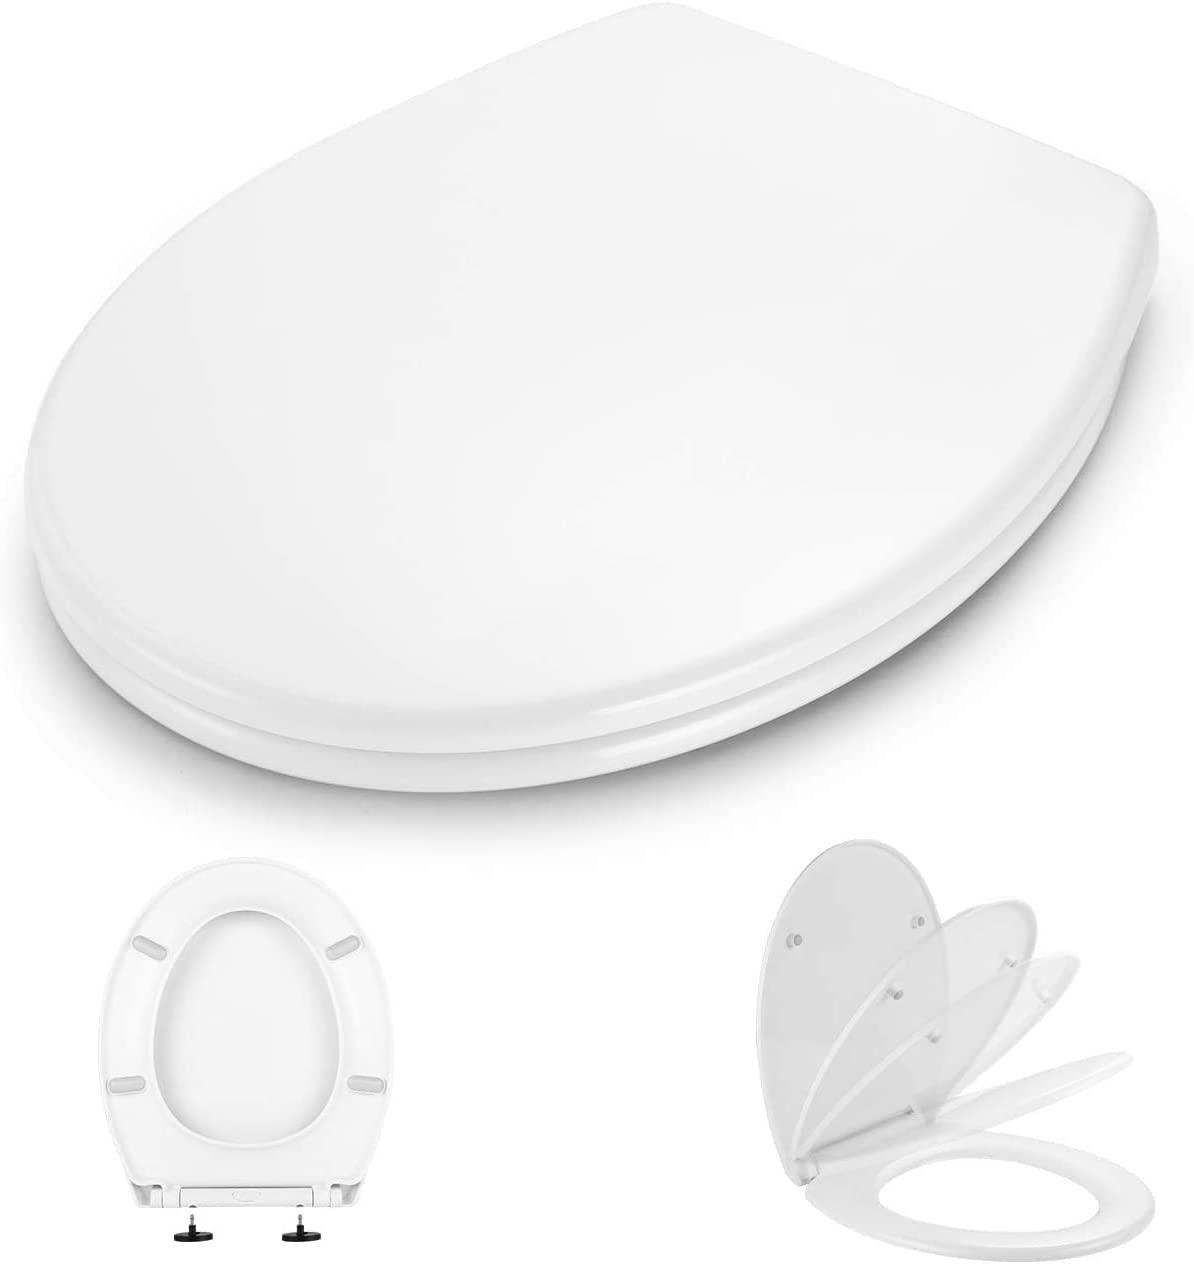 Bild zu [beendet] Dalmo O-Form Toilettensitz mit Soft Close Absenkung und Quick Release für 7,59€